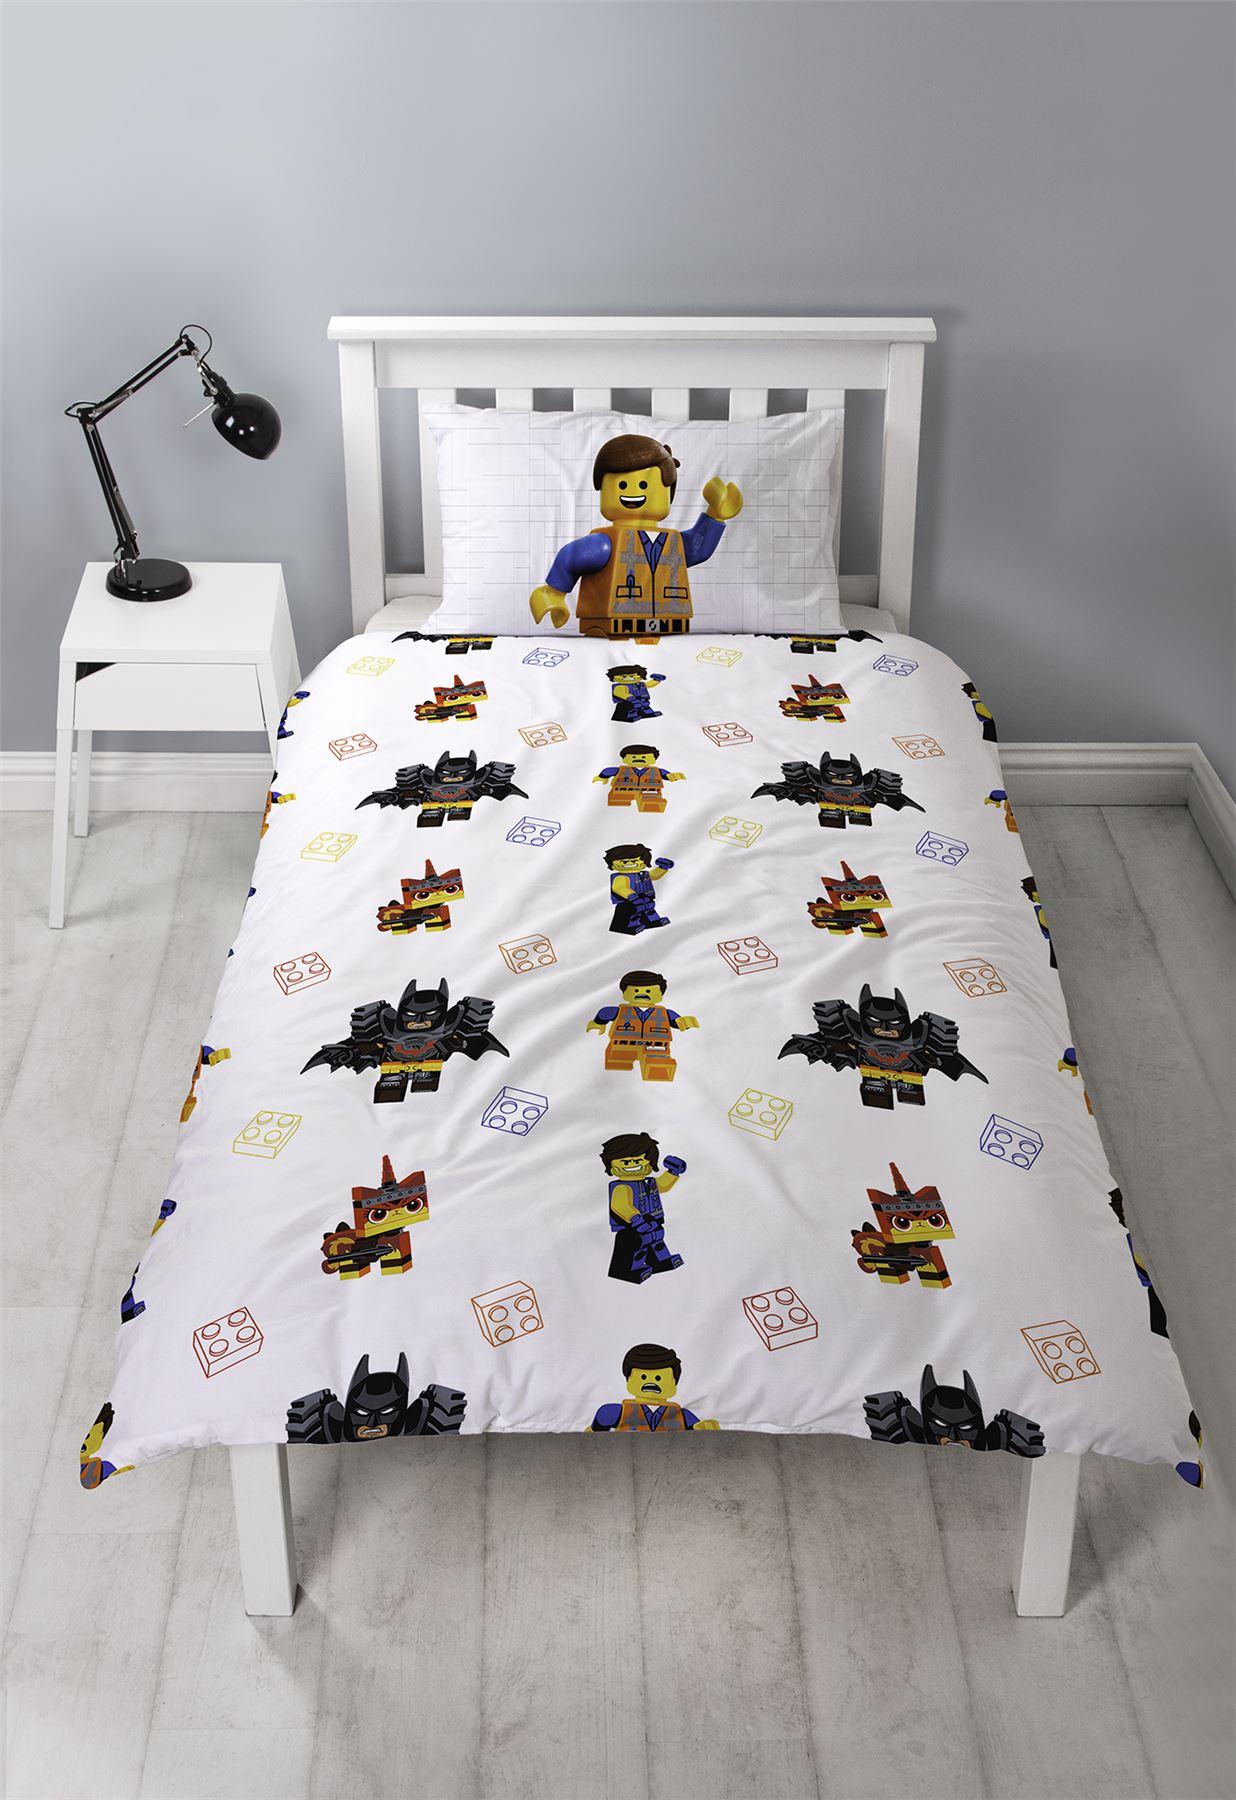 Official-Licensed-Lego-Duvet-Bedding-Ninjago-Batman-Star-Wars-Jurassic thumbnail 23